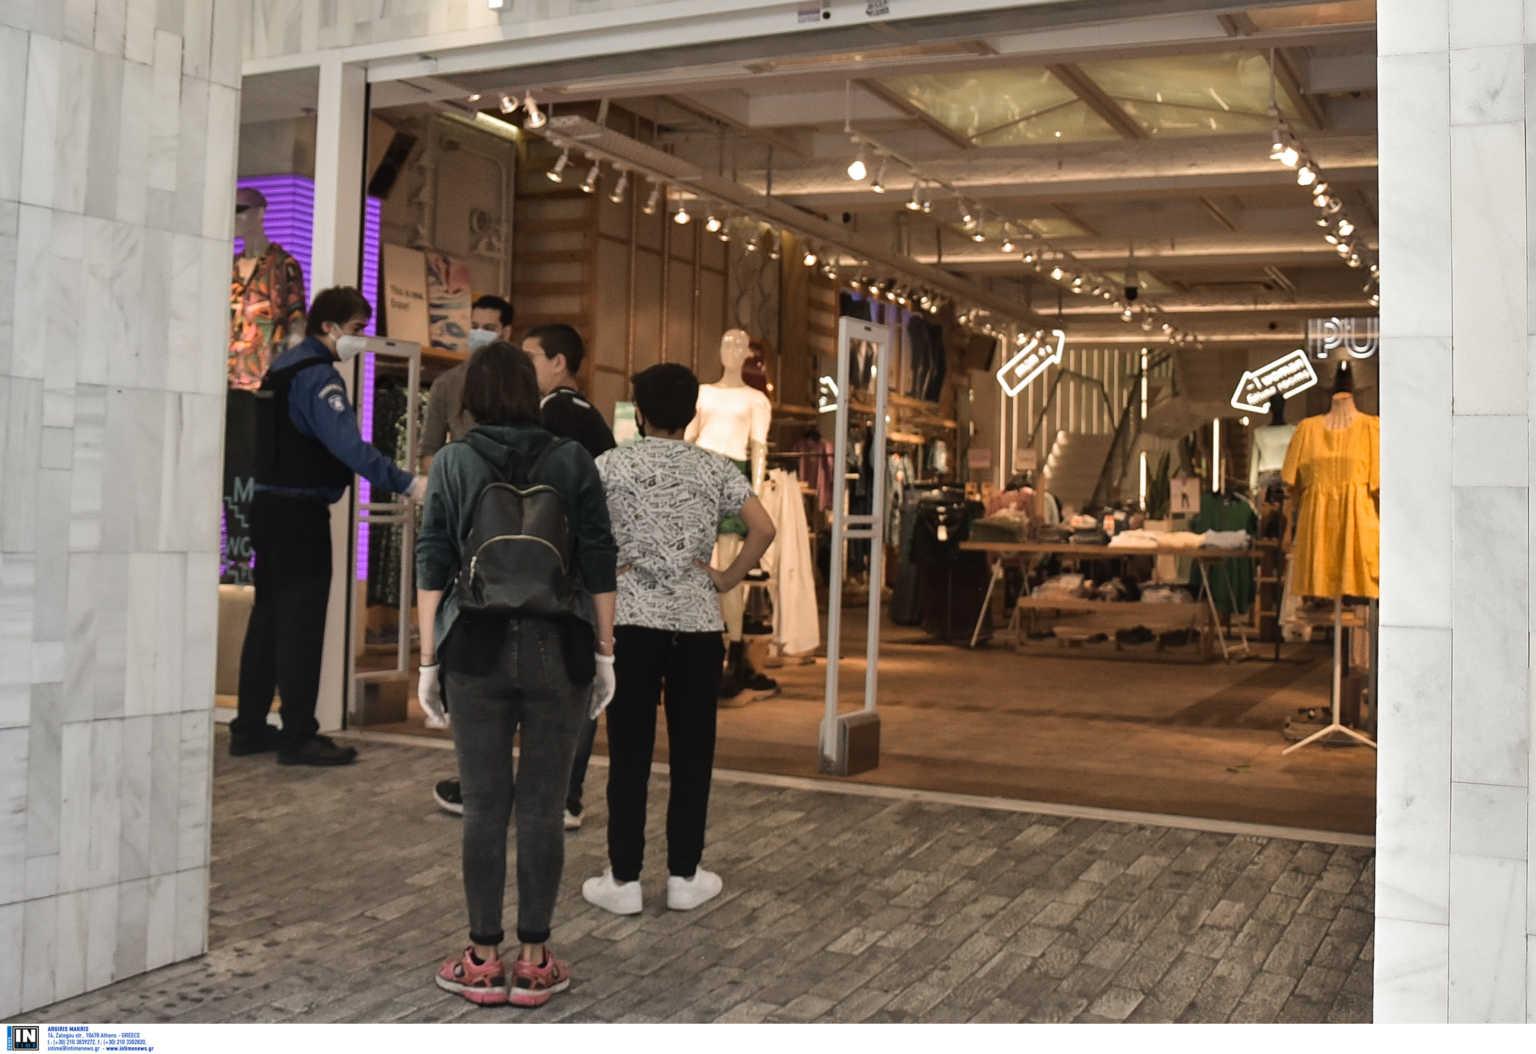 Γεωργιάδης: Ποια μαγαζιά θα ανοίξουν πρώτα – Ψώνια με click away